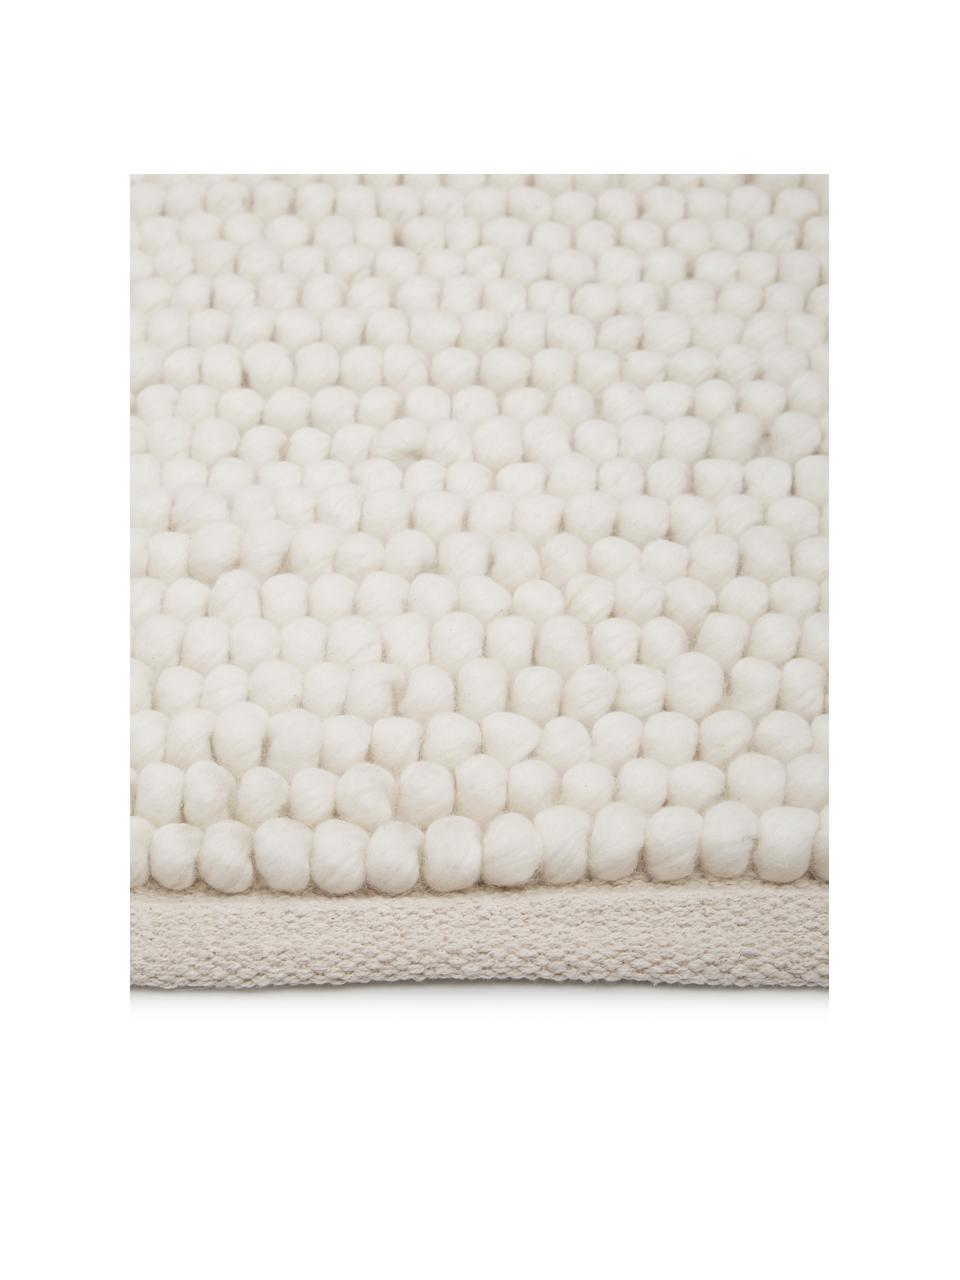 Wollteppich Pebble in Cremeweiß, 80% Neuseeländische Wolle, 20% Nylon  Bei Wollteppichen können sich in den ersten Wochen der Nutzung Fasern lösen, dies reduziert sich durch den täglichen Gebrauch und die Flusenbildung geht zurück., Weiß, B 80 x L 150 cm (Größe XS)